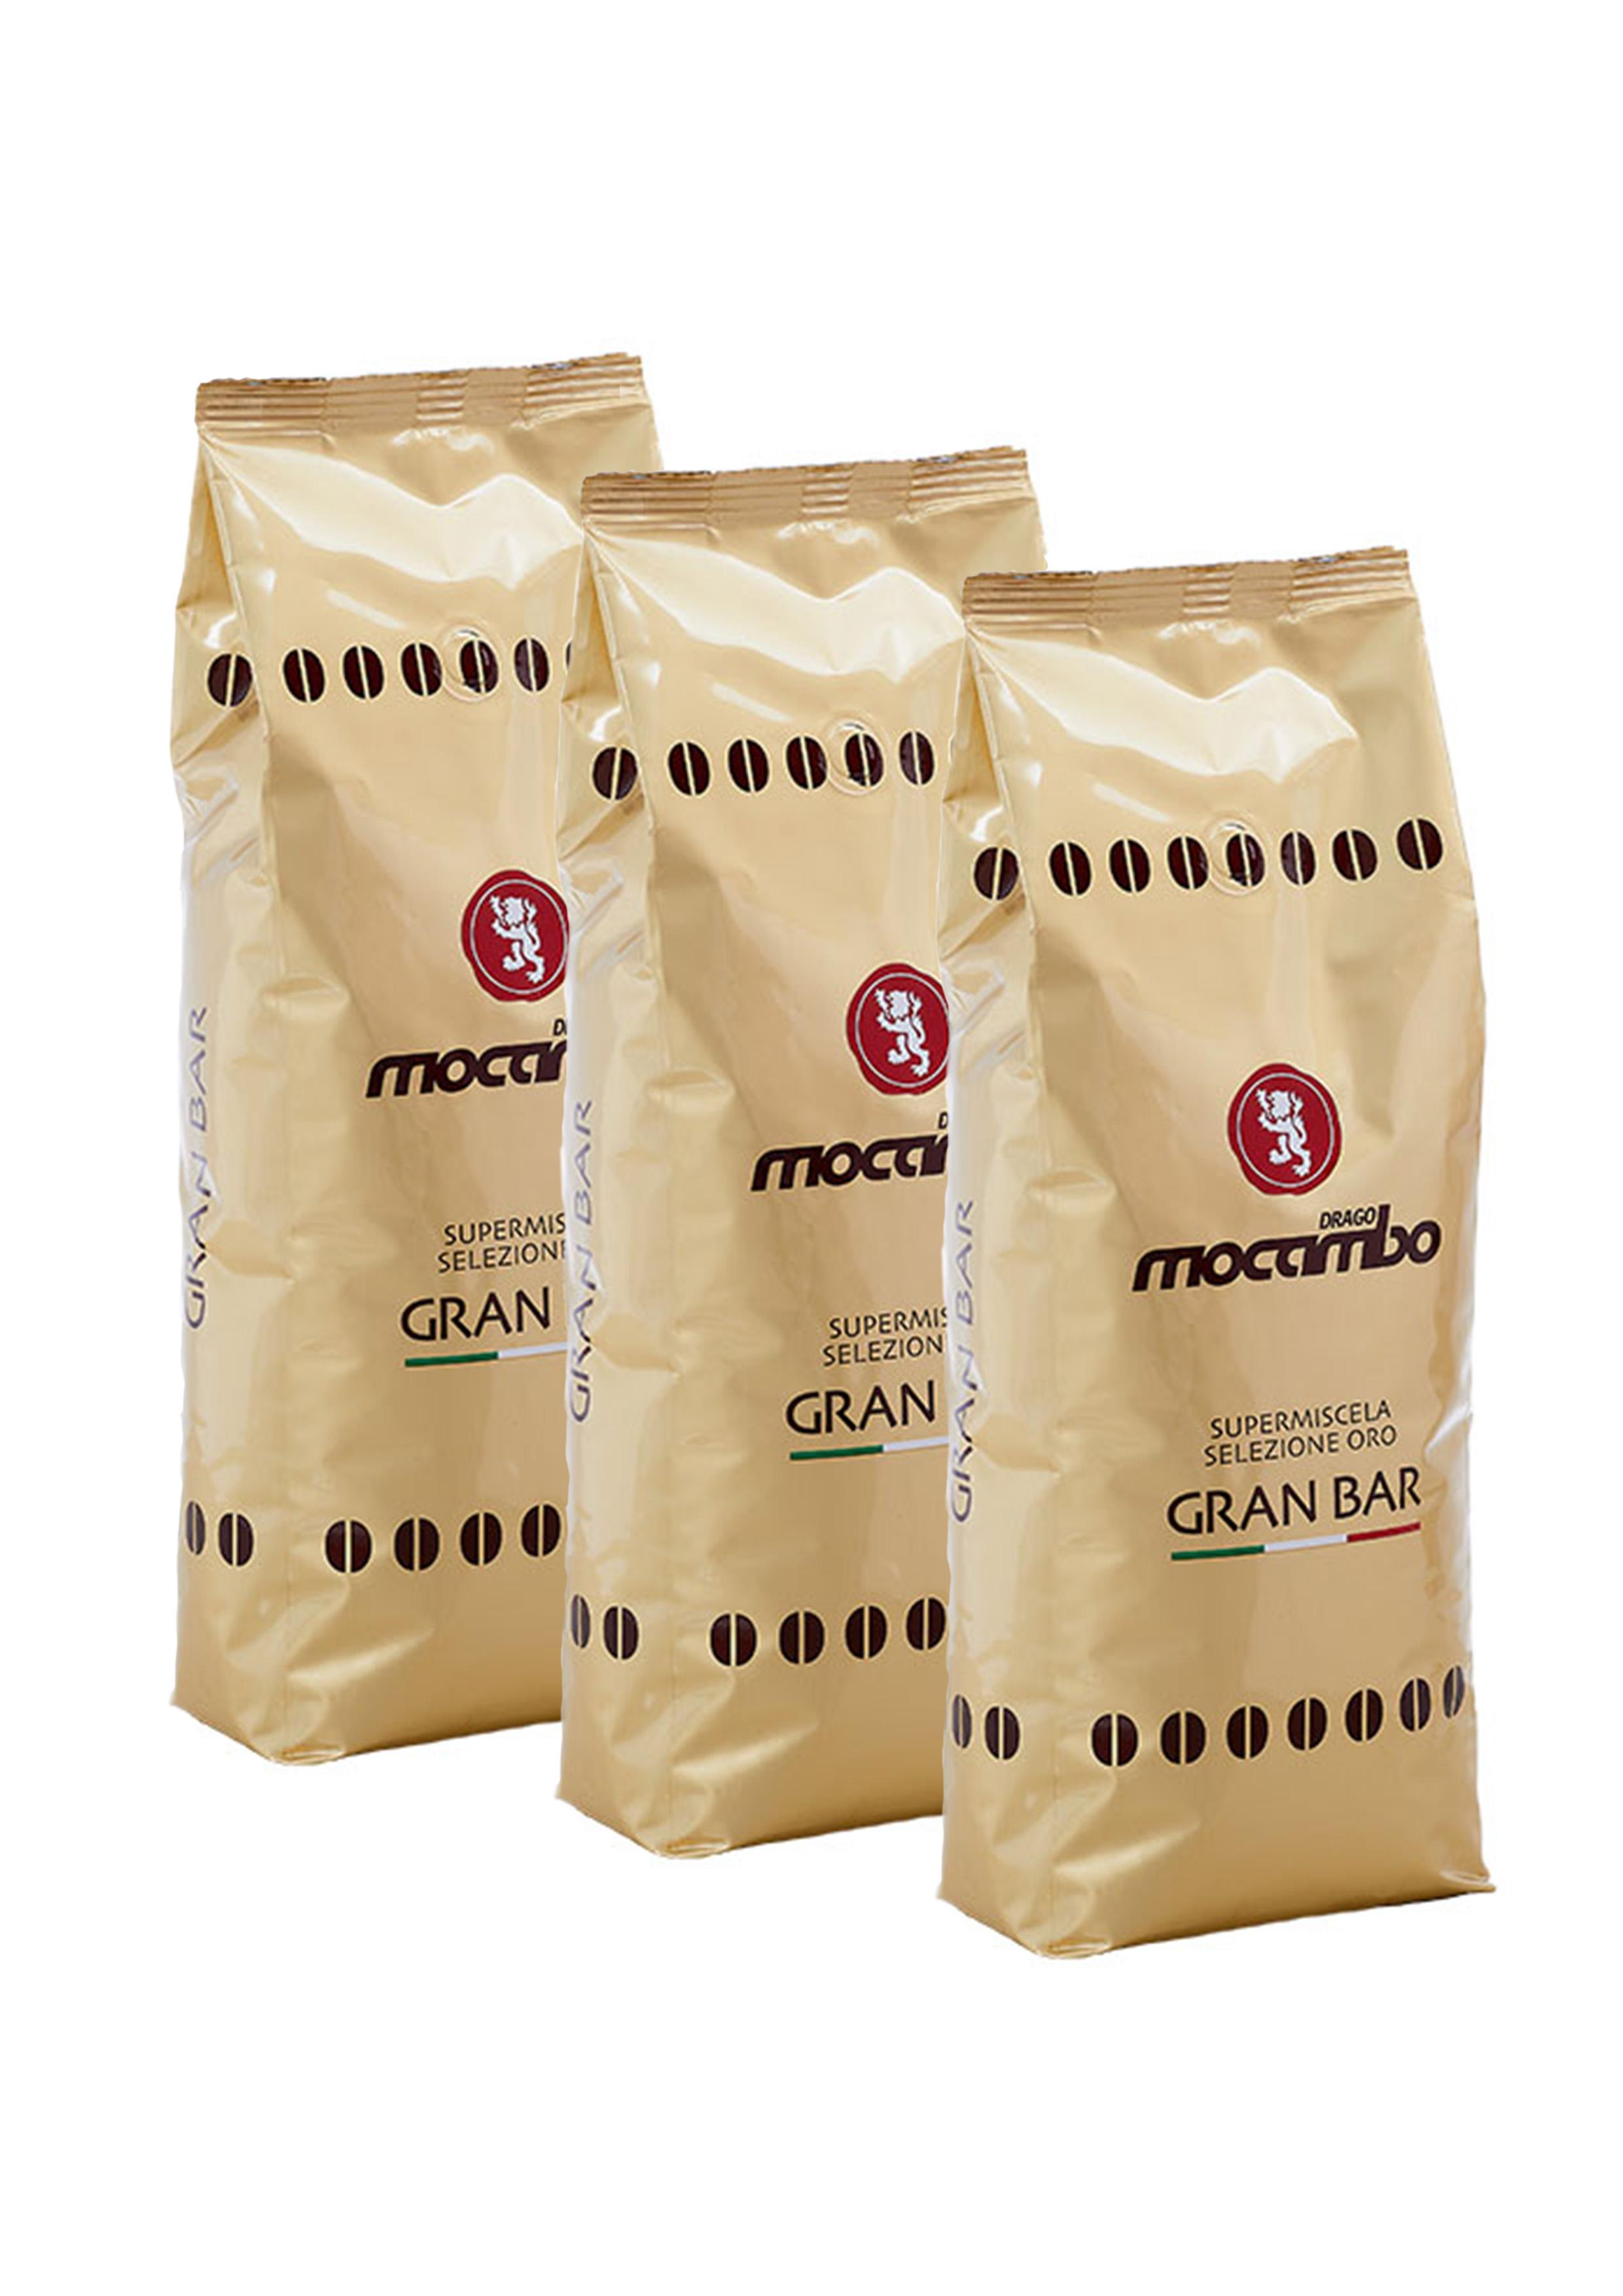 Mocambo Gran Bar, Espresso Kaffee Bohnen 3x 1 kg